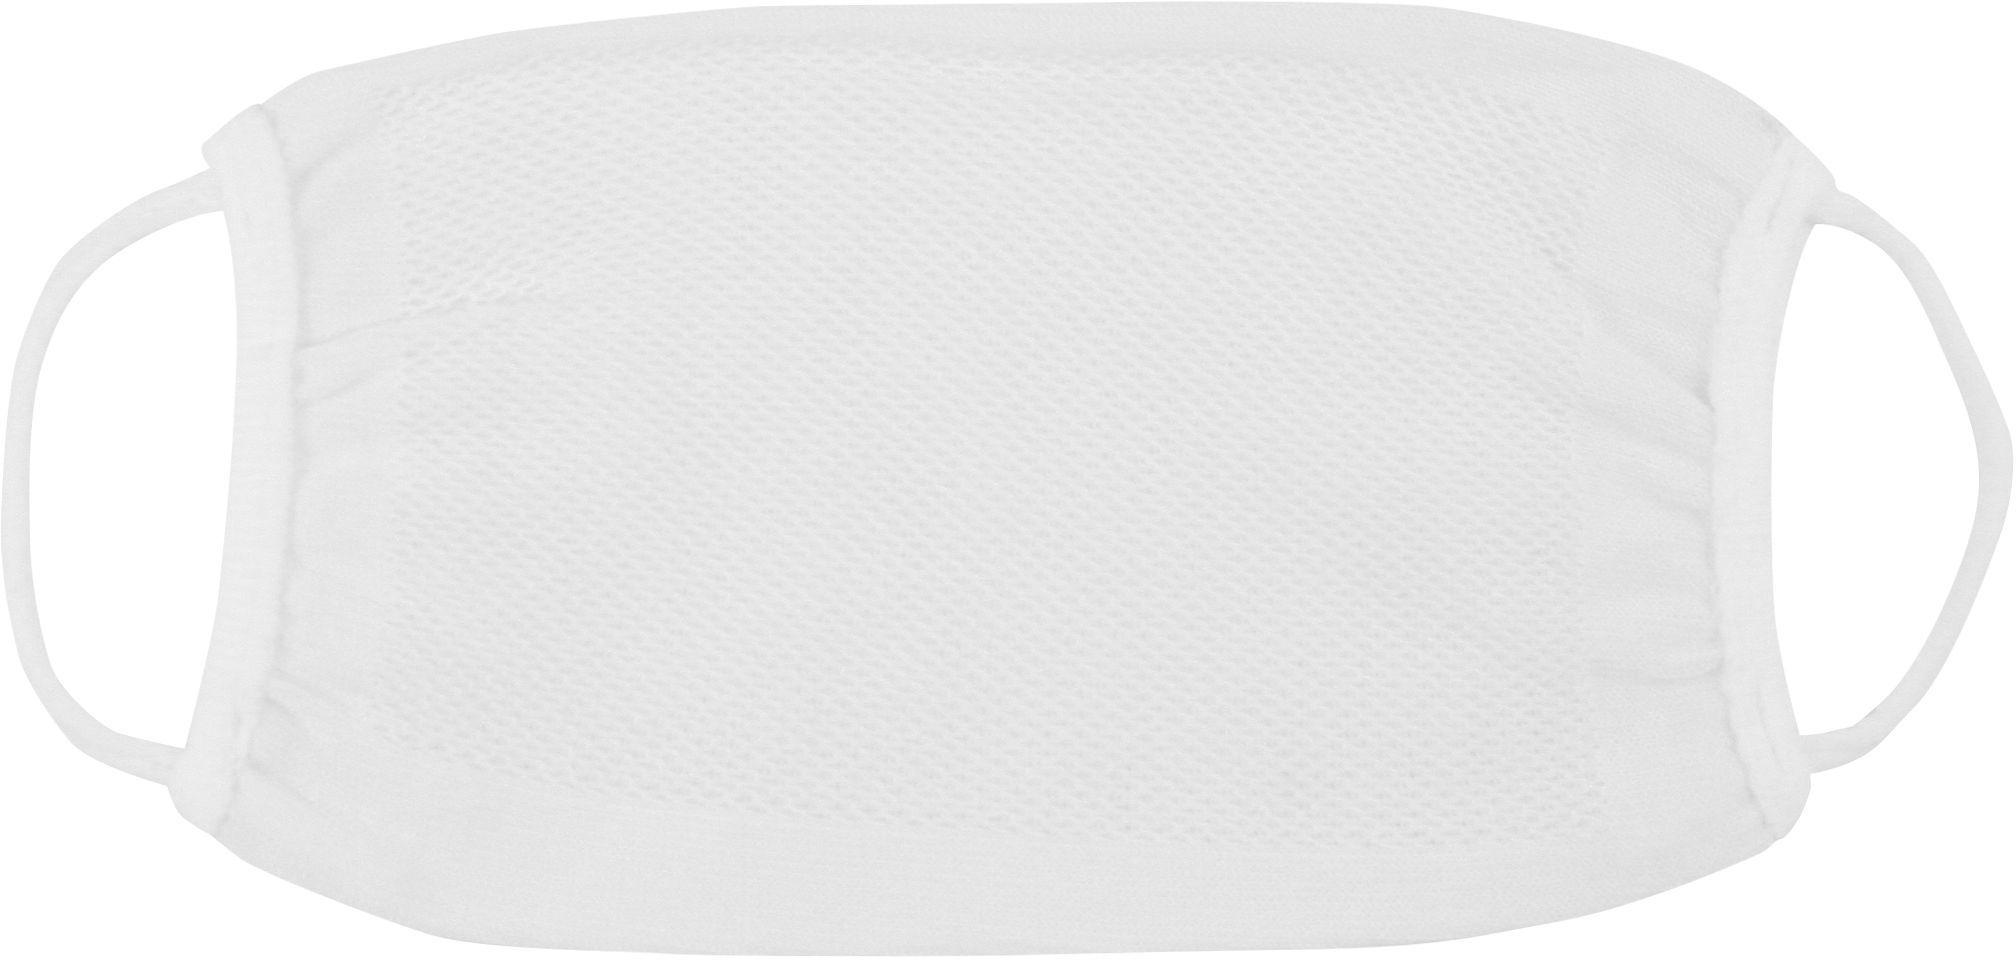 Biała Maseczka Ochronna na Twarz -STEVEN- Wielorazowa, Dwuwarstwowa, Uniwersalna, Antywirusowa MASSTVN000131